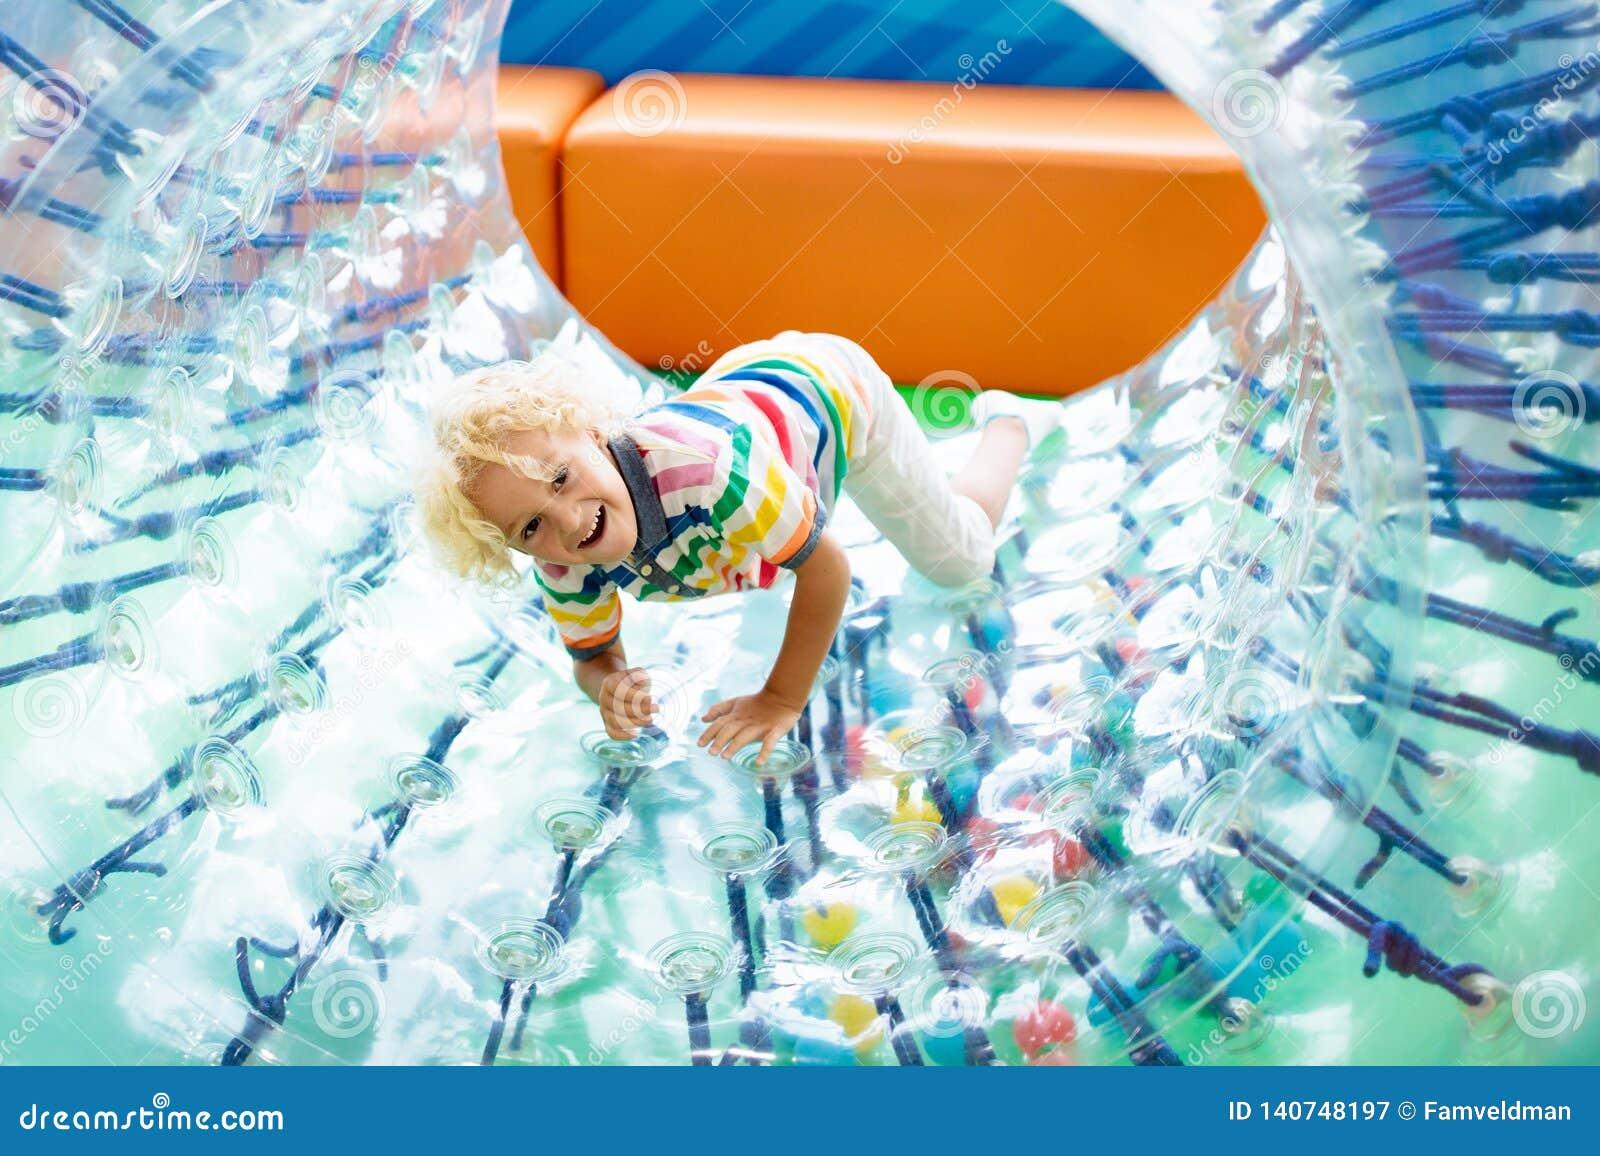 Детская игра в колесе ролика ягнит trampoline